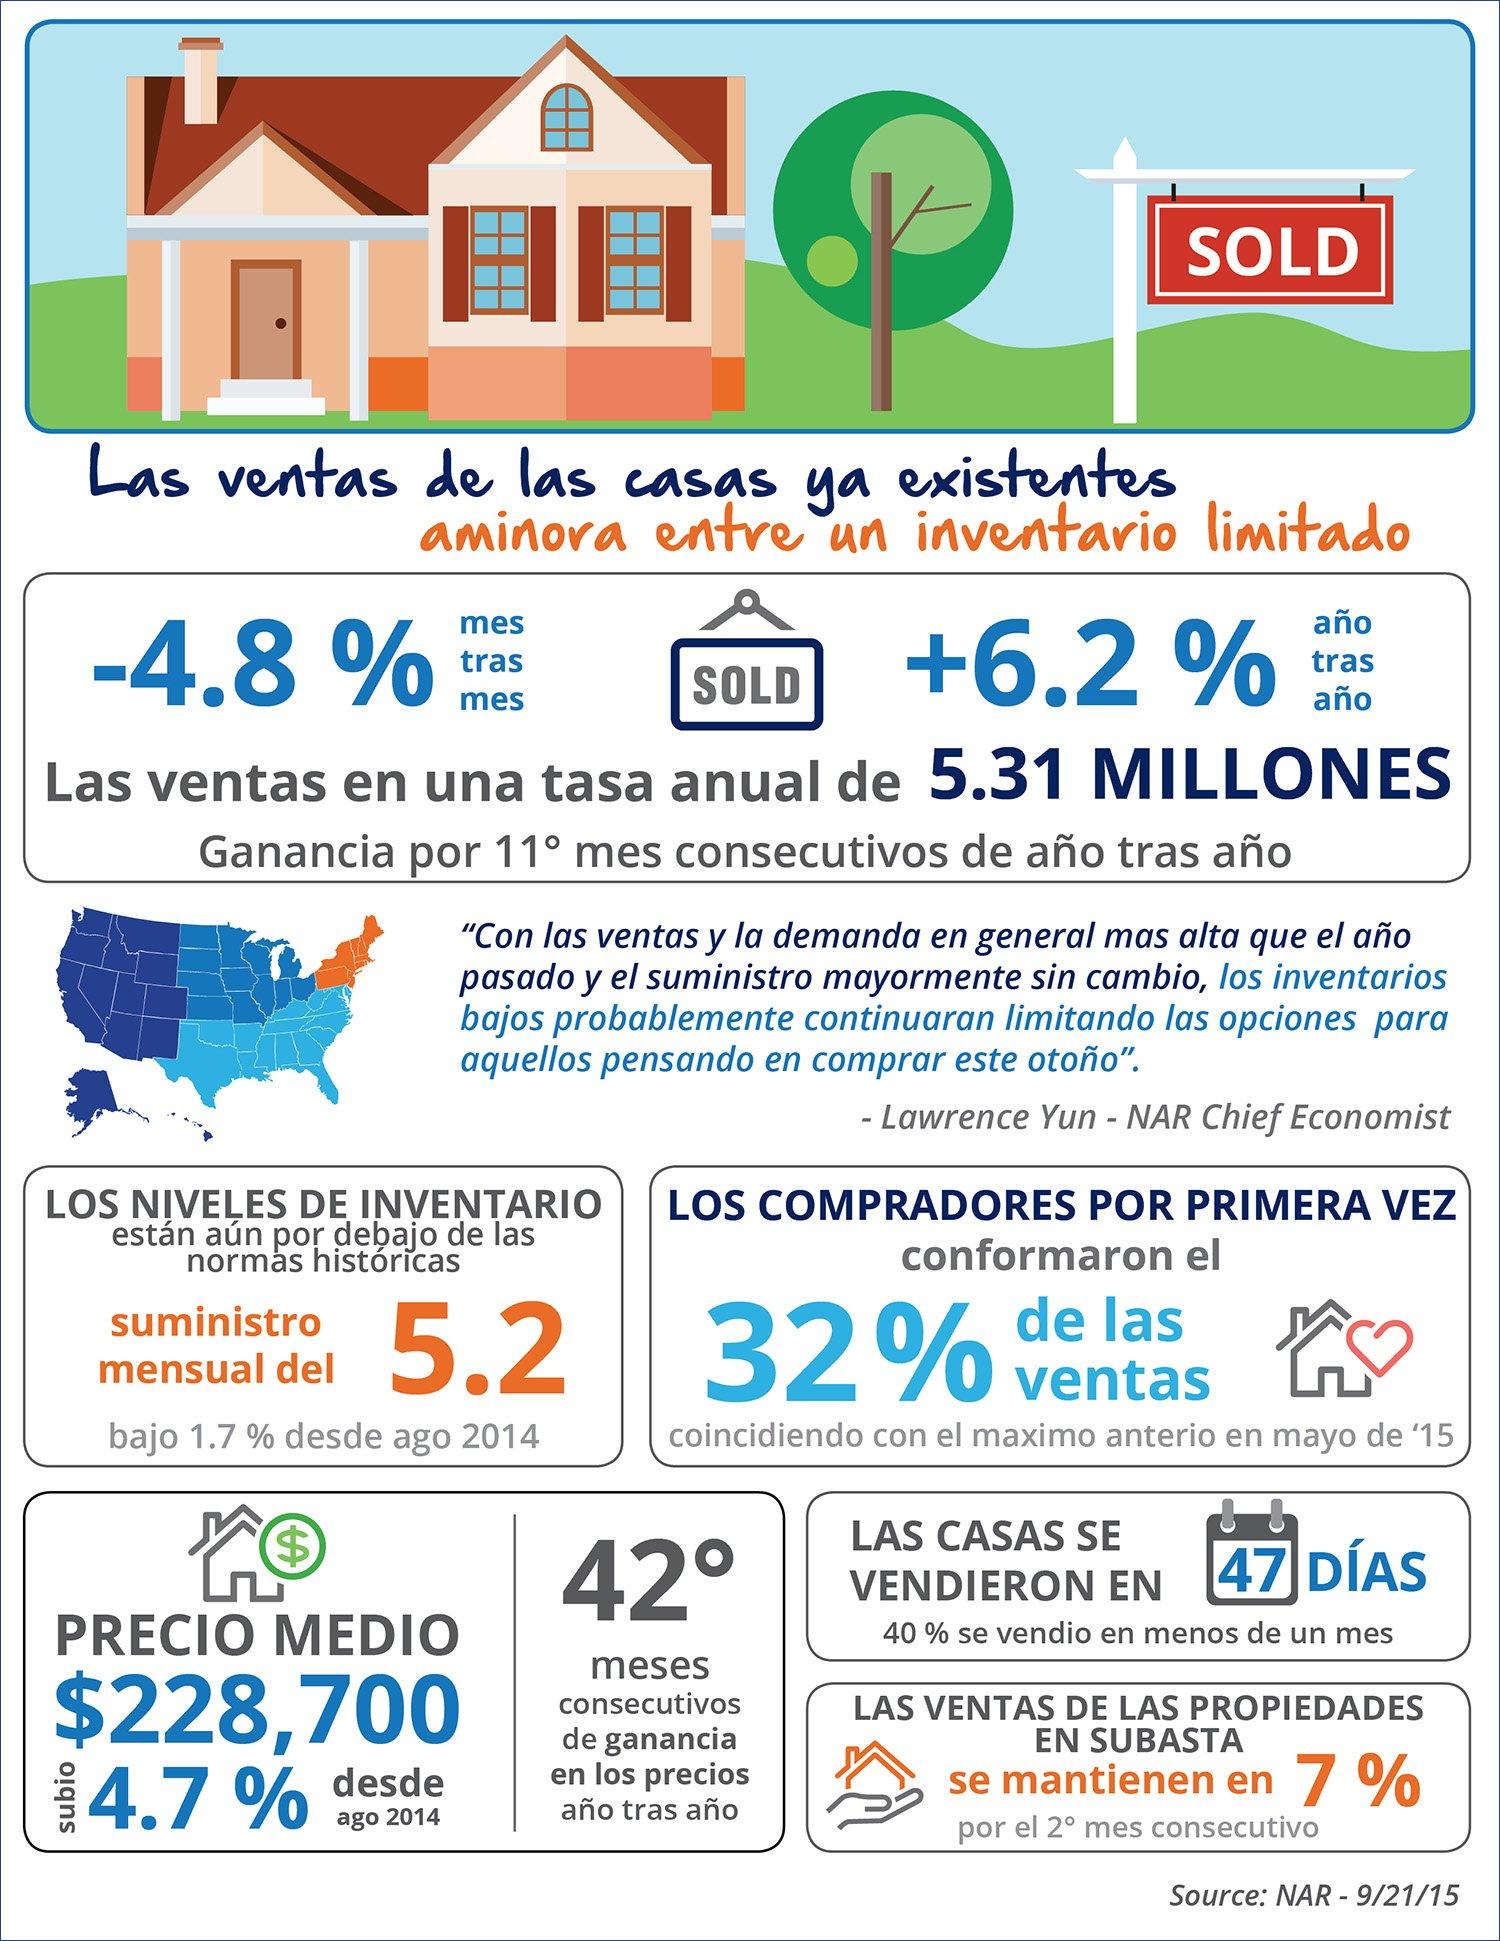 Las ventas de las casas ya existentes aminoran entre un inventario limitado [INFOGRAFíA]| Simplifying The Market